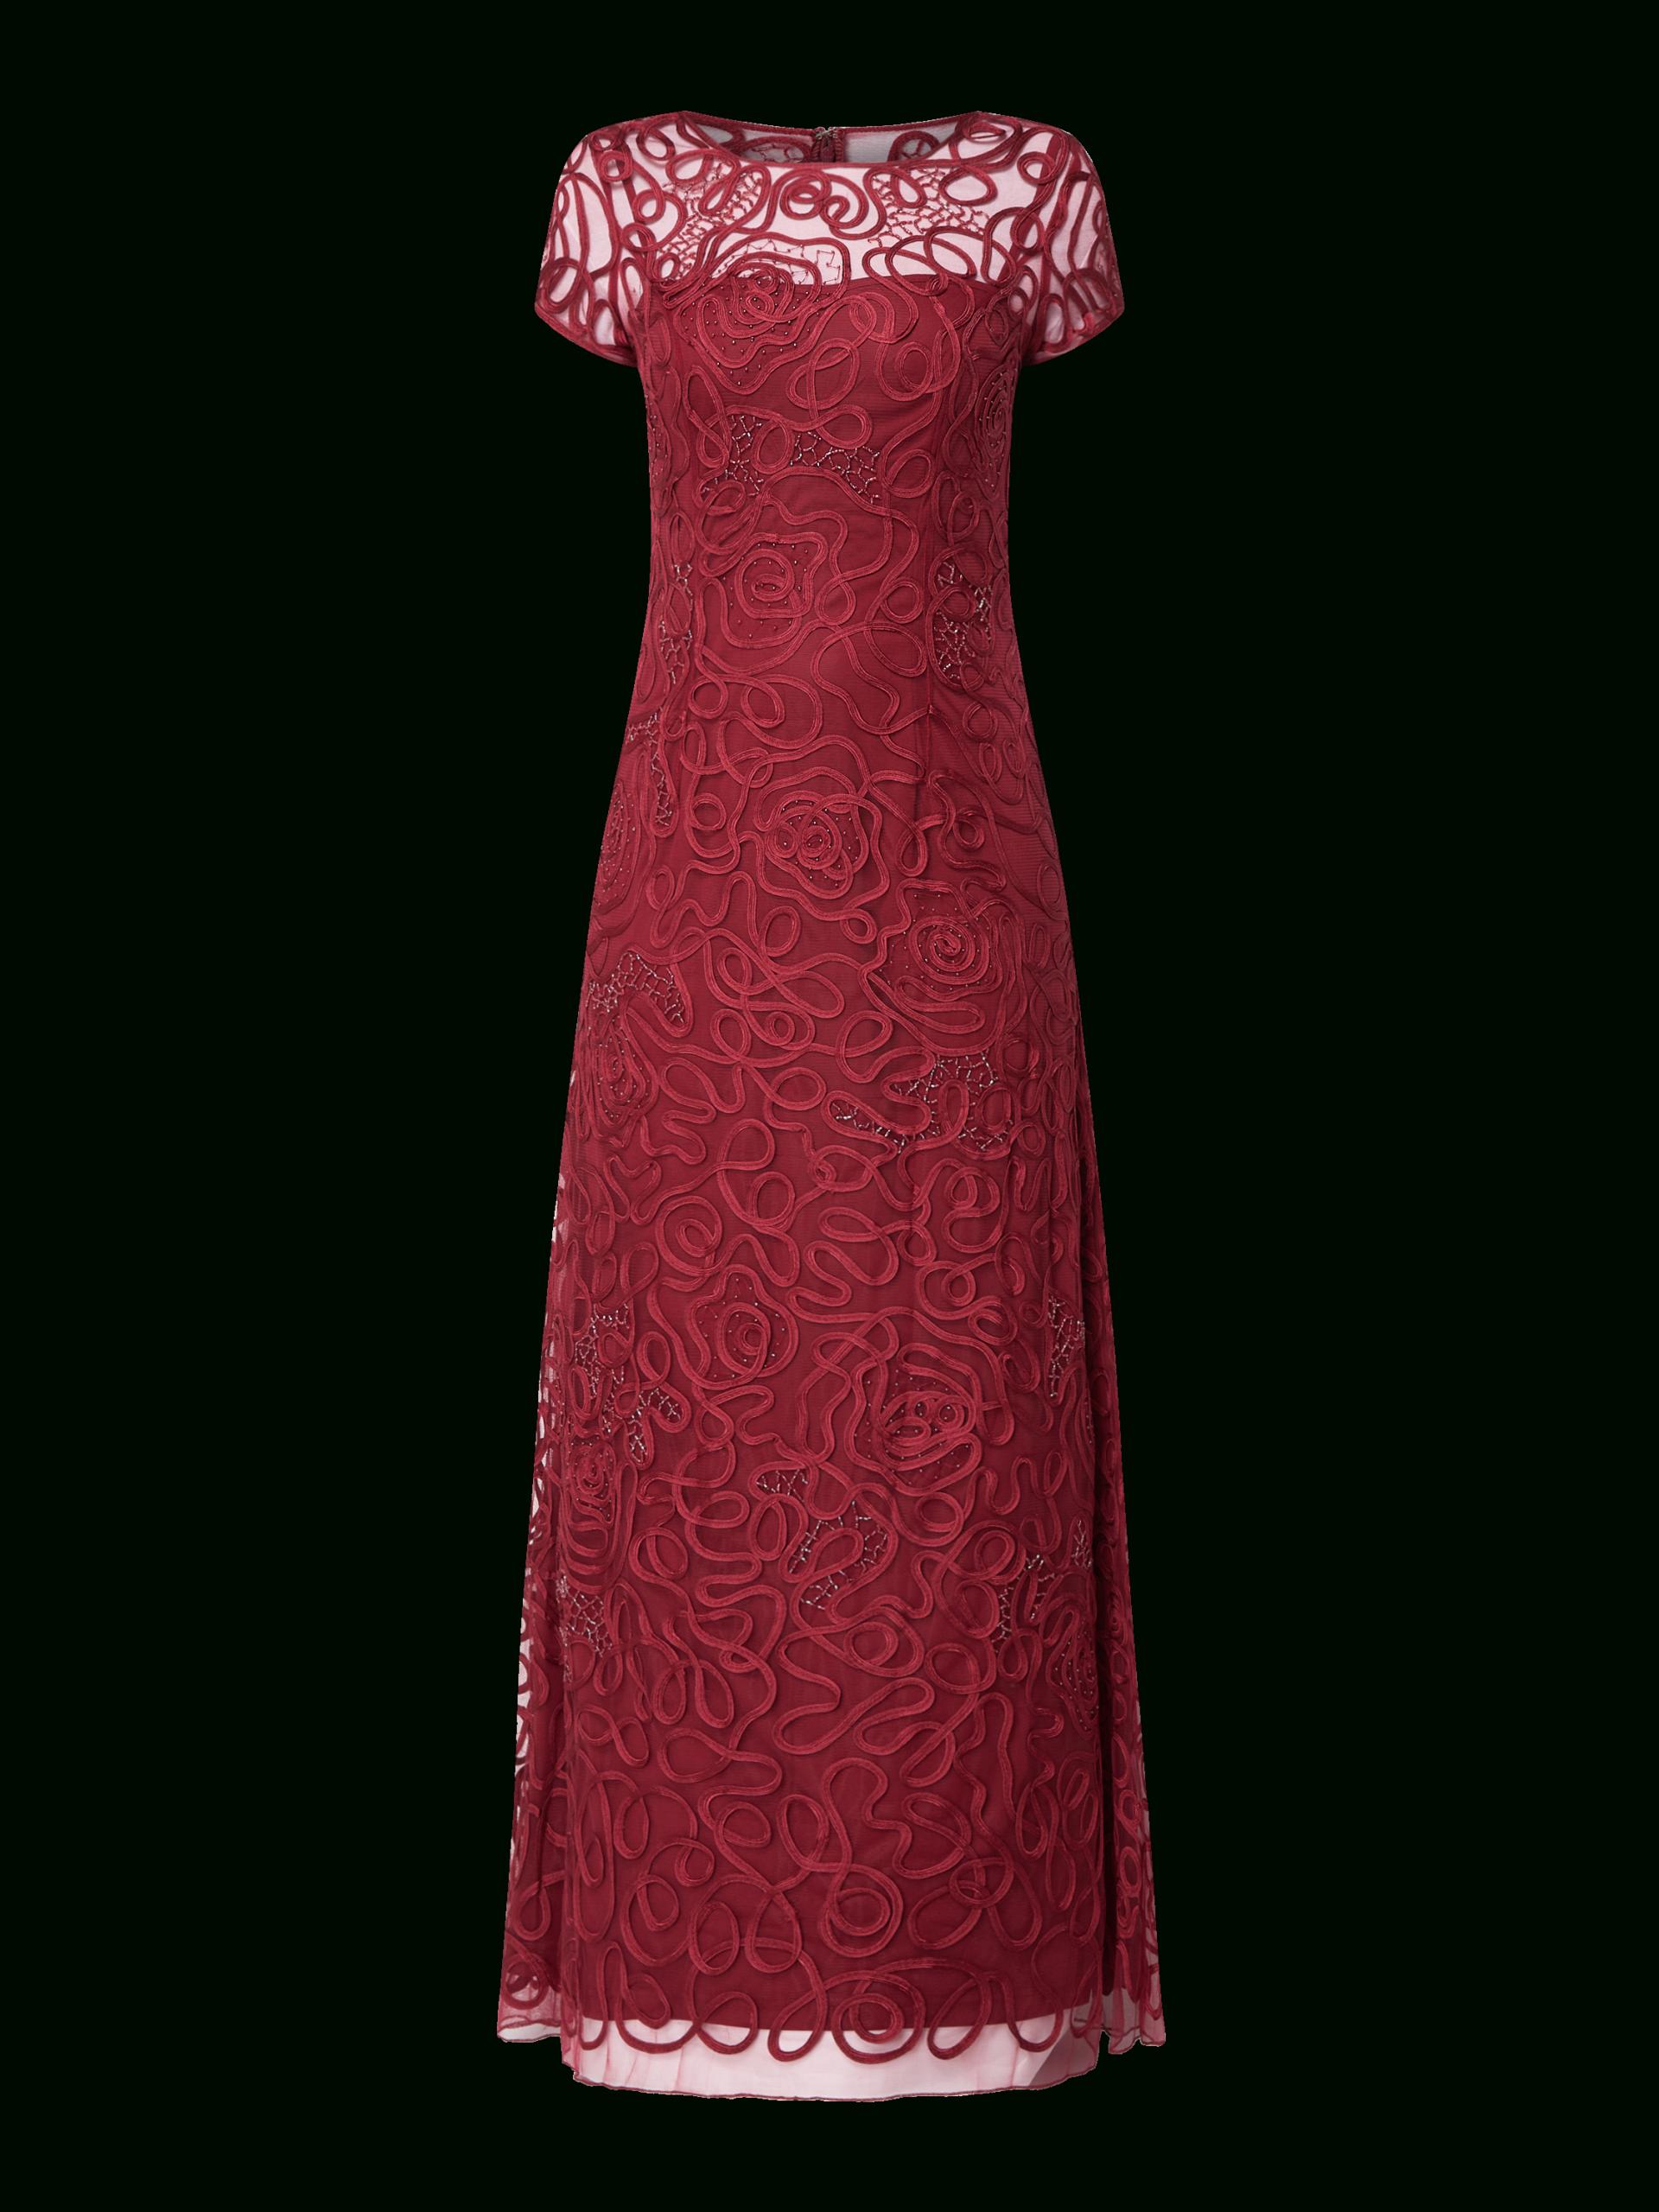 20 Einzigartig Niente Abendkleid Bordeaux für 201917 Einfach Niente Abendkleid Bordeaux Vertrieb